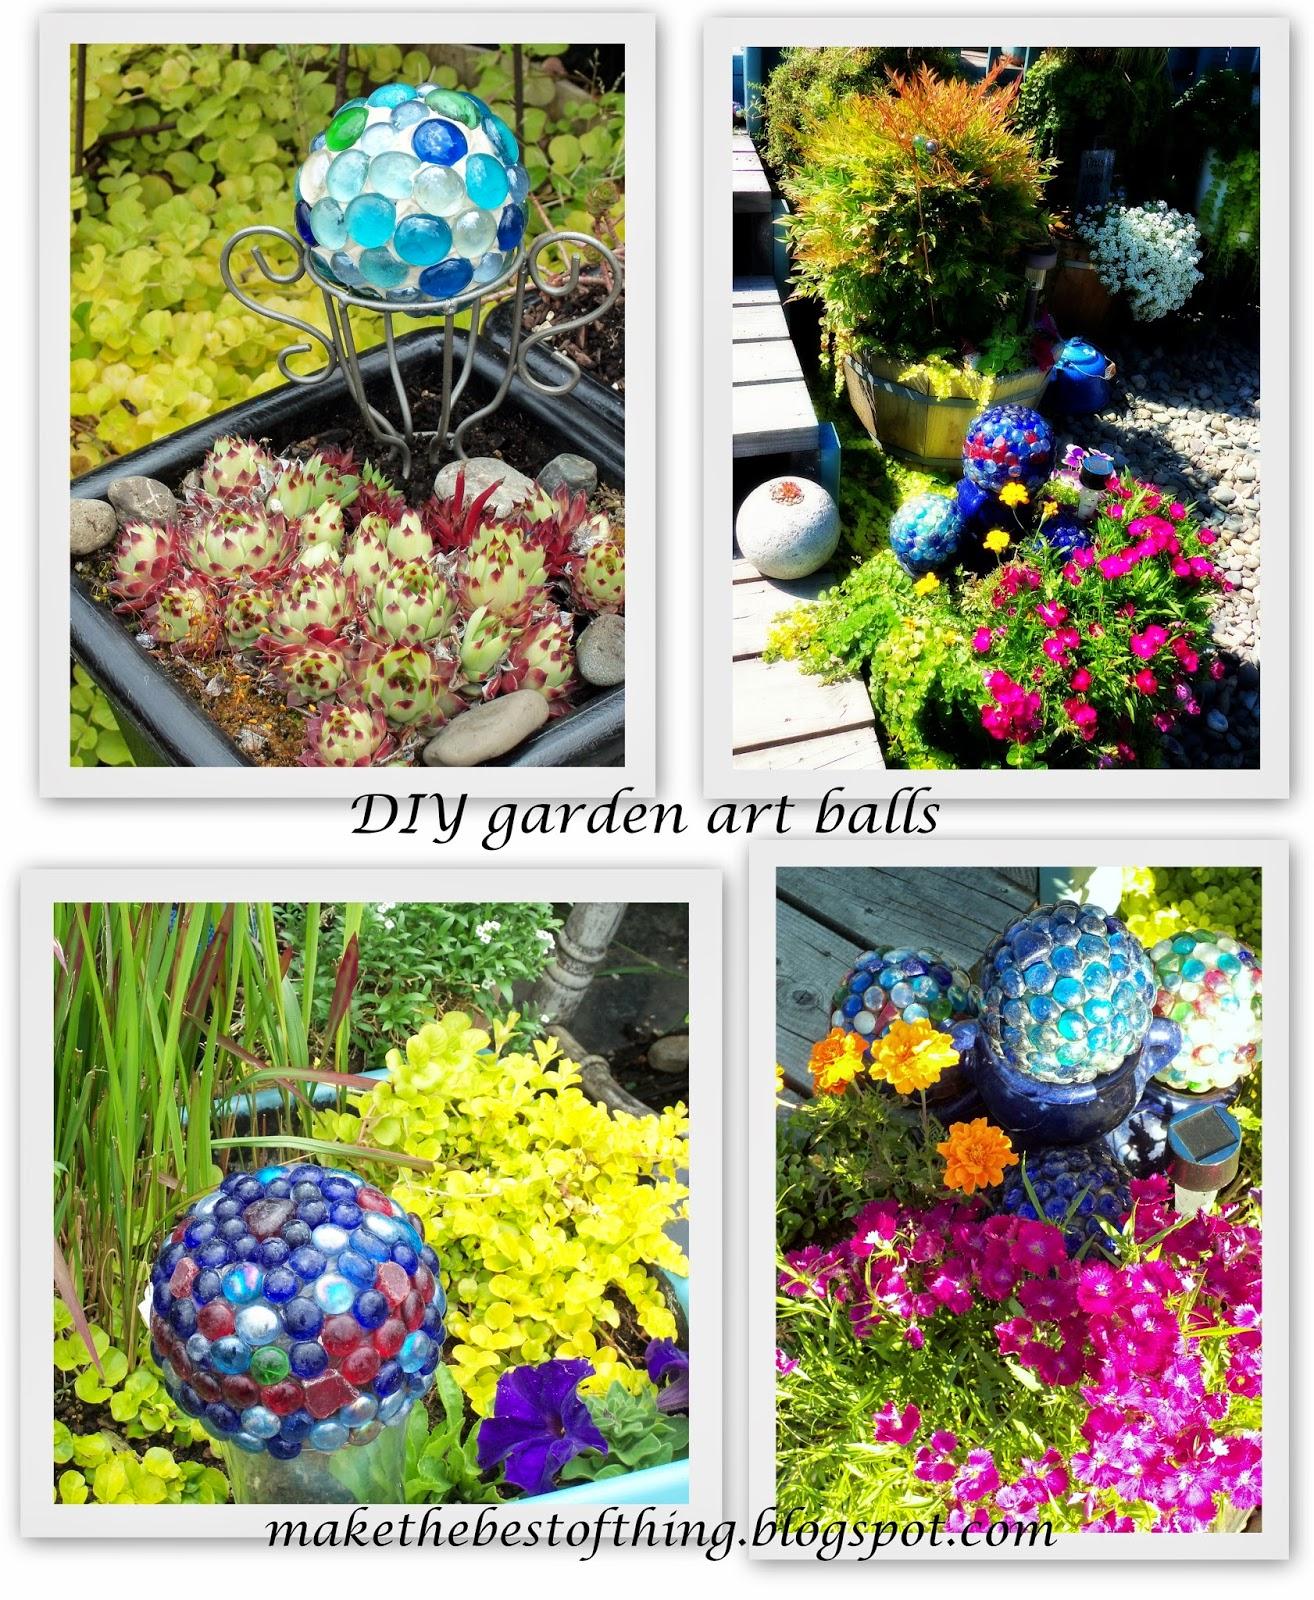 blob garden art balls